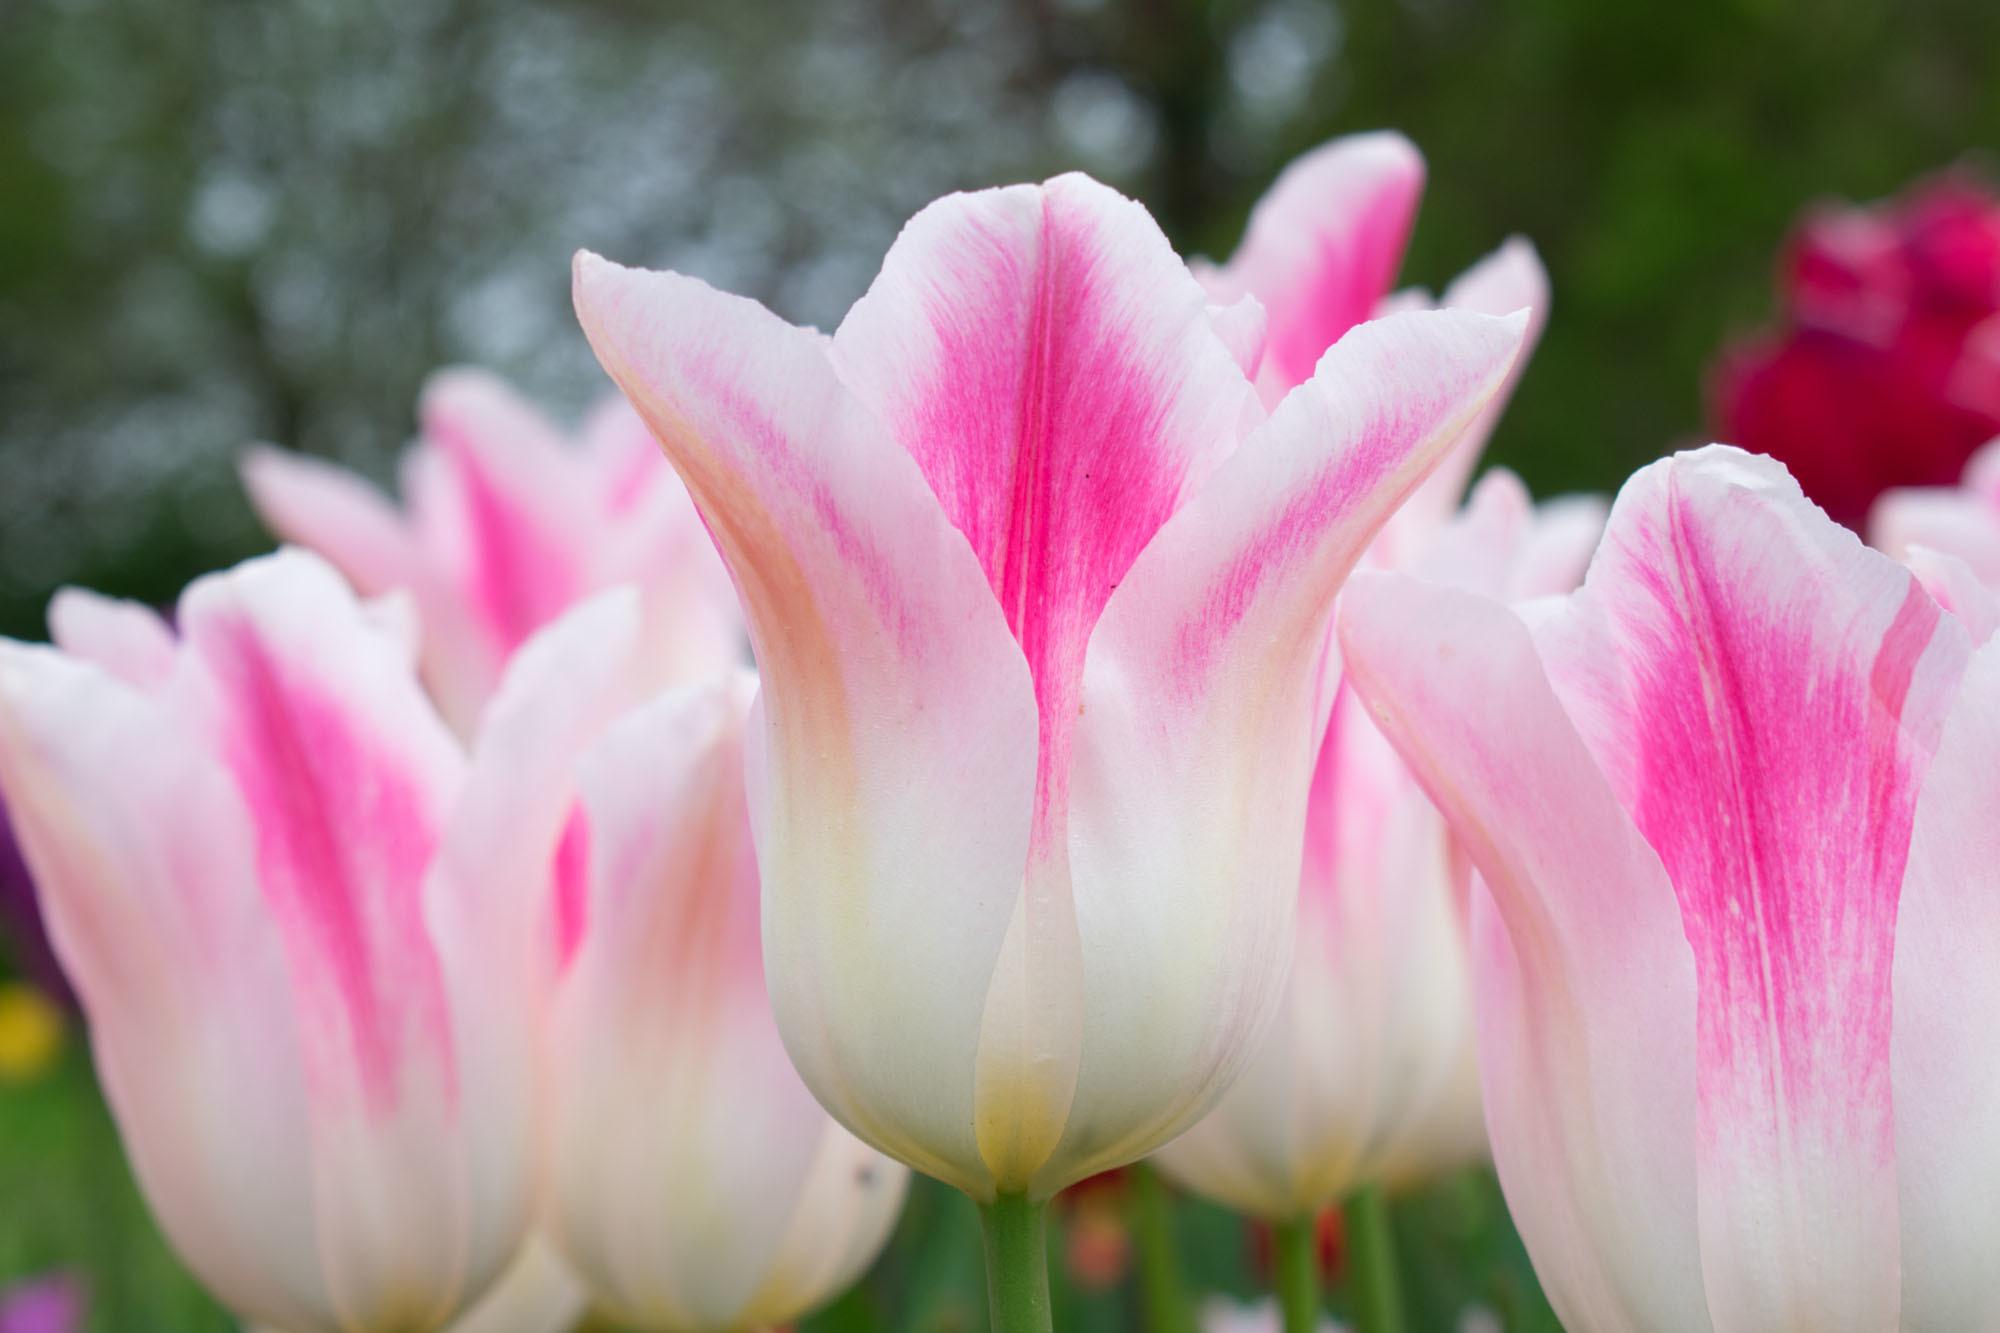 Тюльпан Лилиецветный Холанд Шик